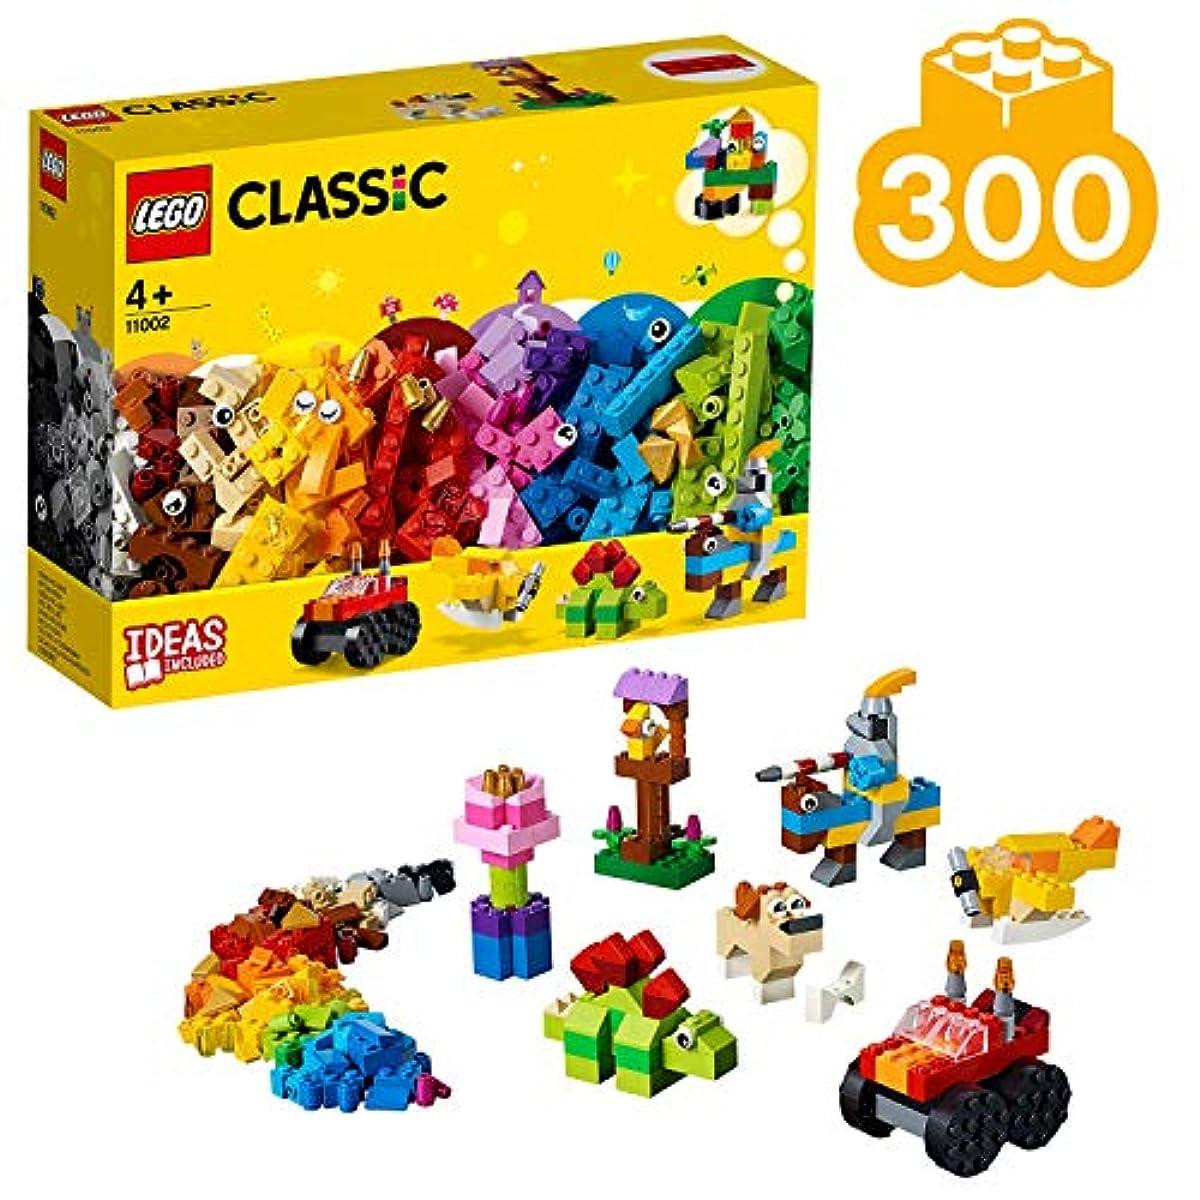 [해외] 레고(LEGO) 클래식 크리에이티브 박스<Mサイズ> 11002 교육 완구 블럭 장난감 소녀 사내 아이